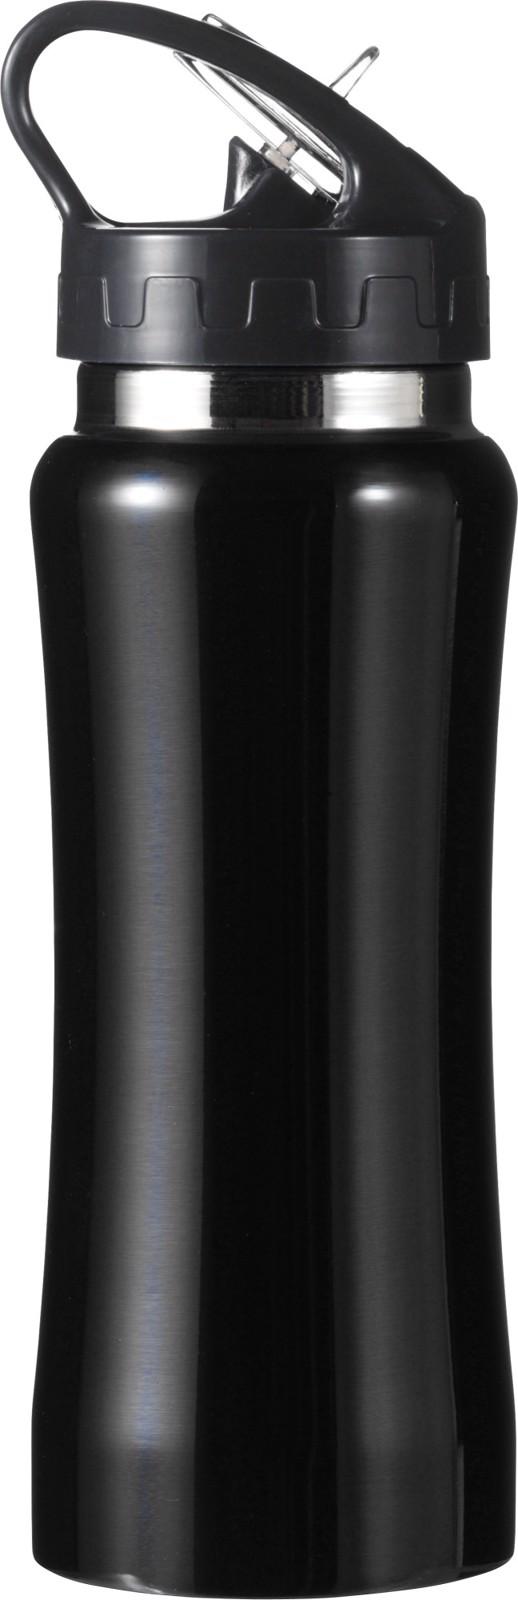 Stainless steel bottle - Black